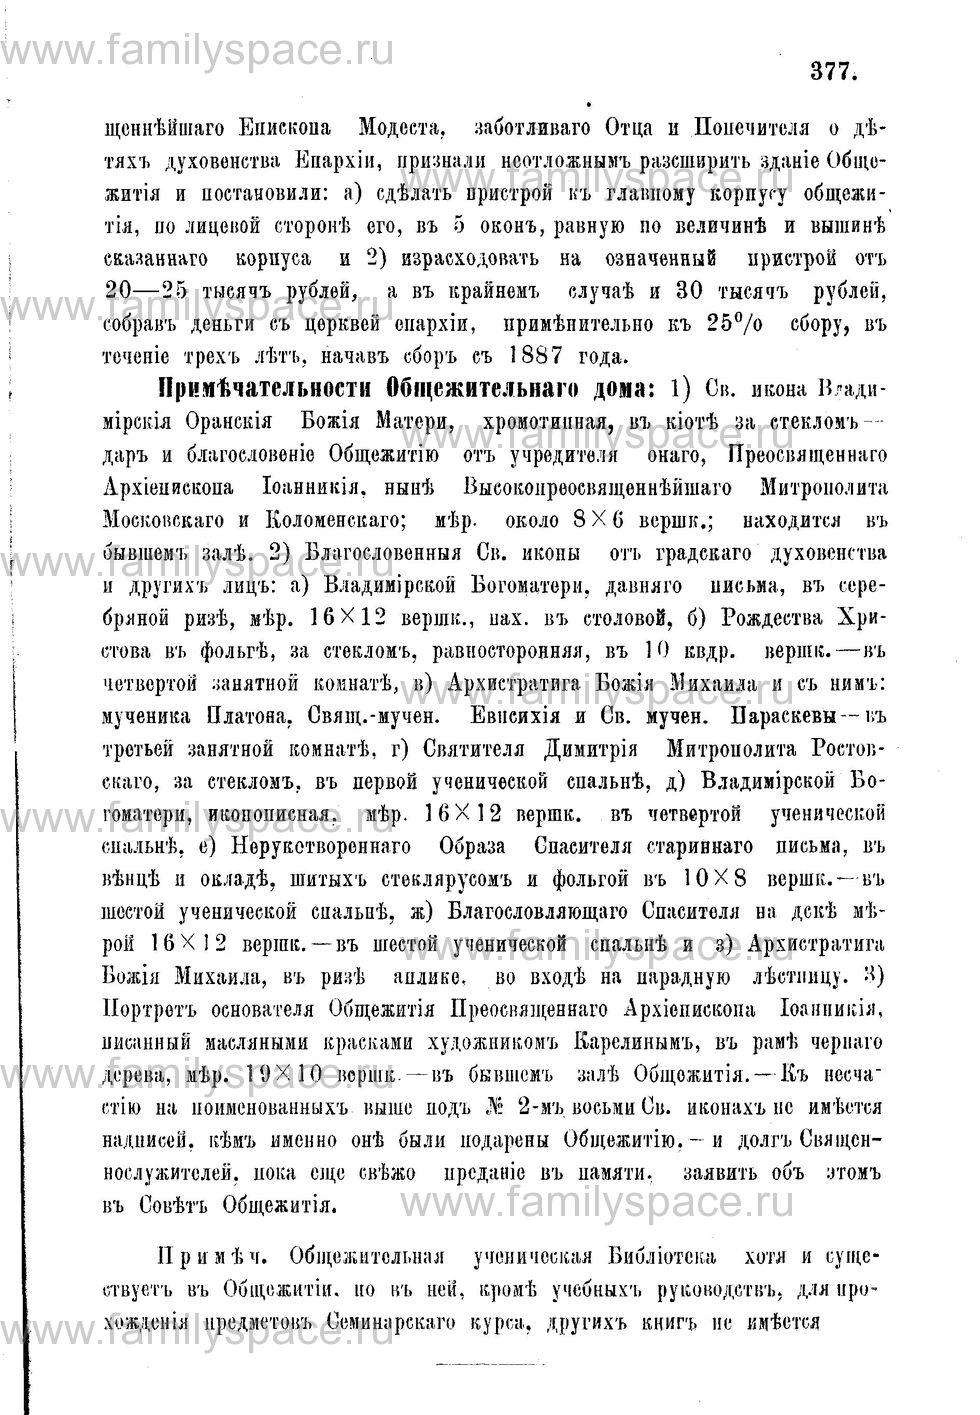 Поиск по фамилии - Адрес-календарь Нижегородской епархии на 1888 год, страница 1377